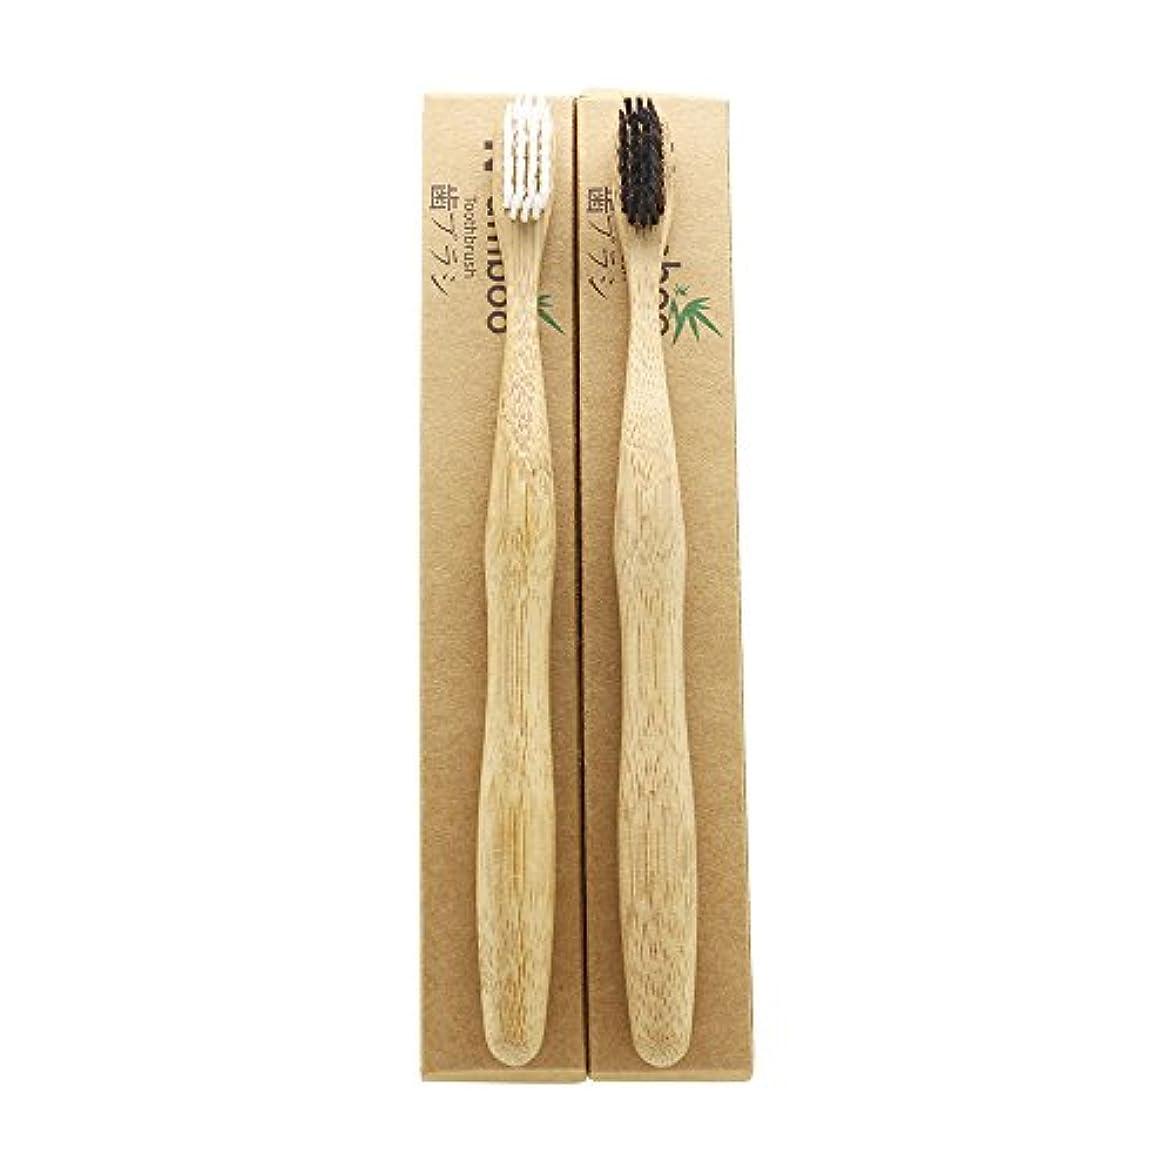 残るラベル宿泊N-amboo 竹製 歯ブラシ 高耐久性 白と黒 セット エコ (2本)